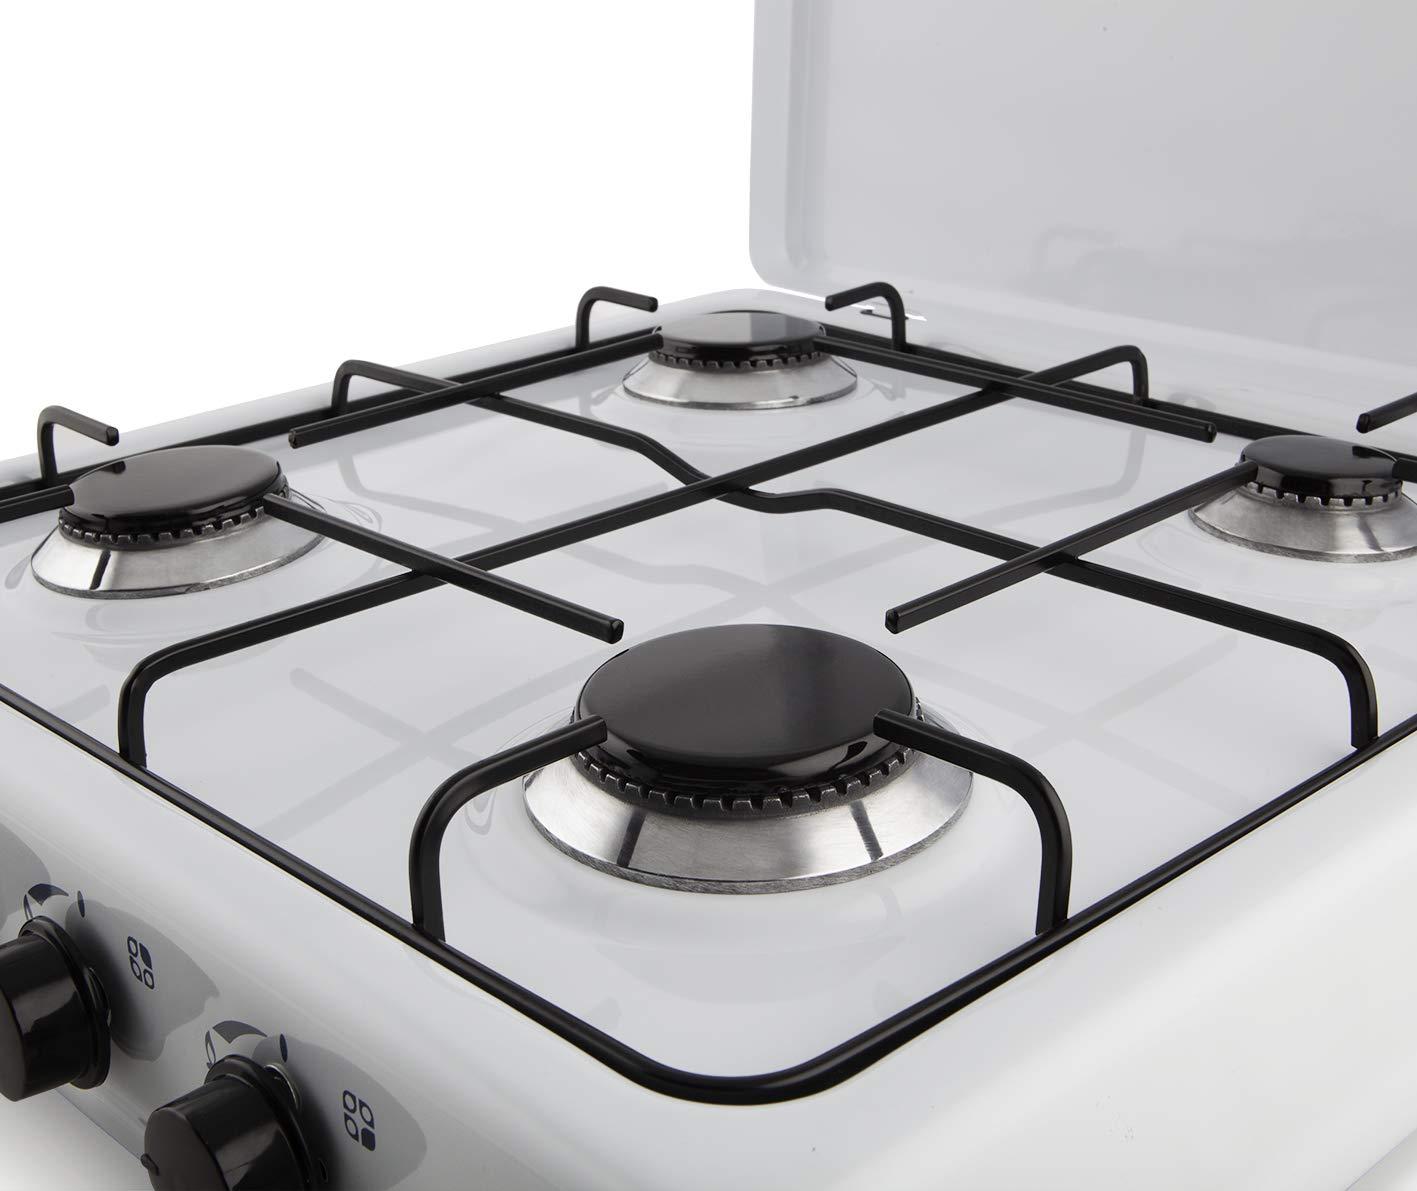 Orbegozo FO 4550 4550-Hornillo Gas, 4 quemadores, 1400 W, Esmaltado, Color blanco: Amazon.es: Hogar